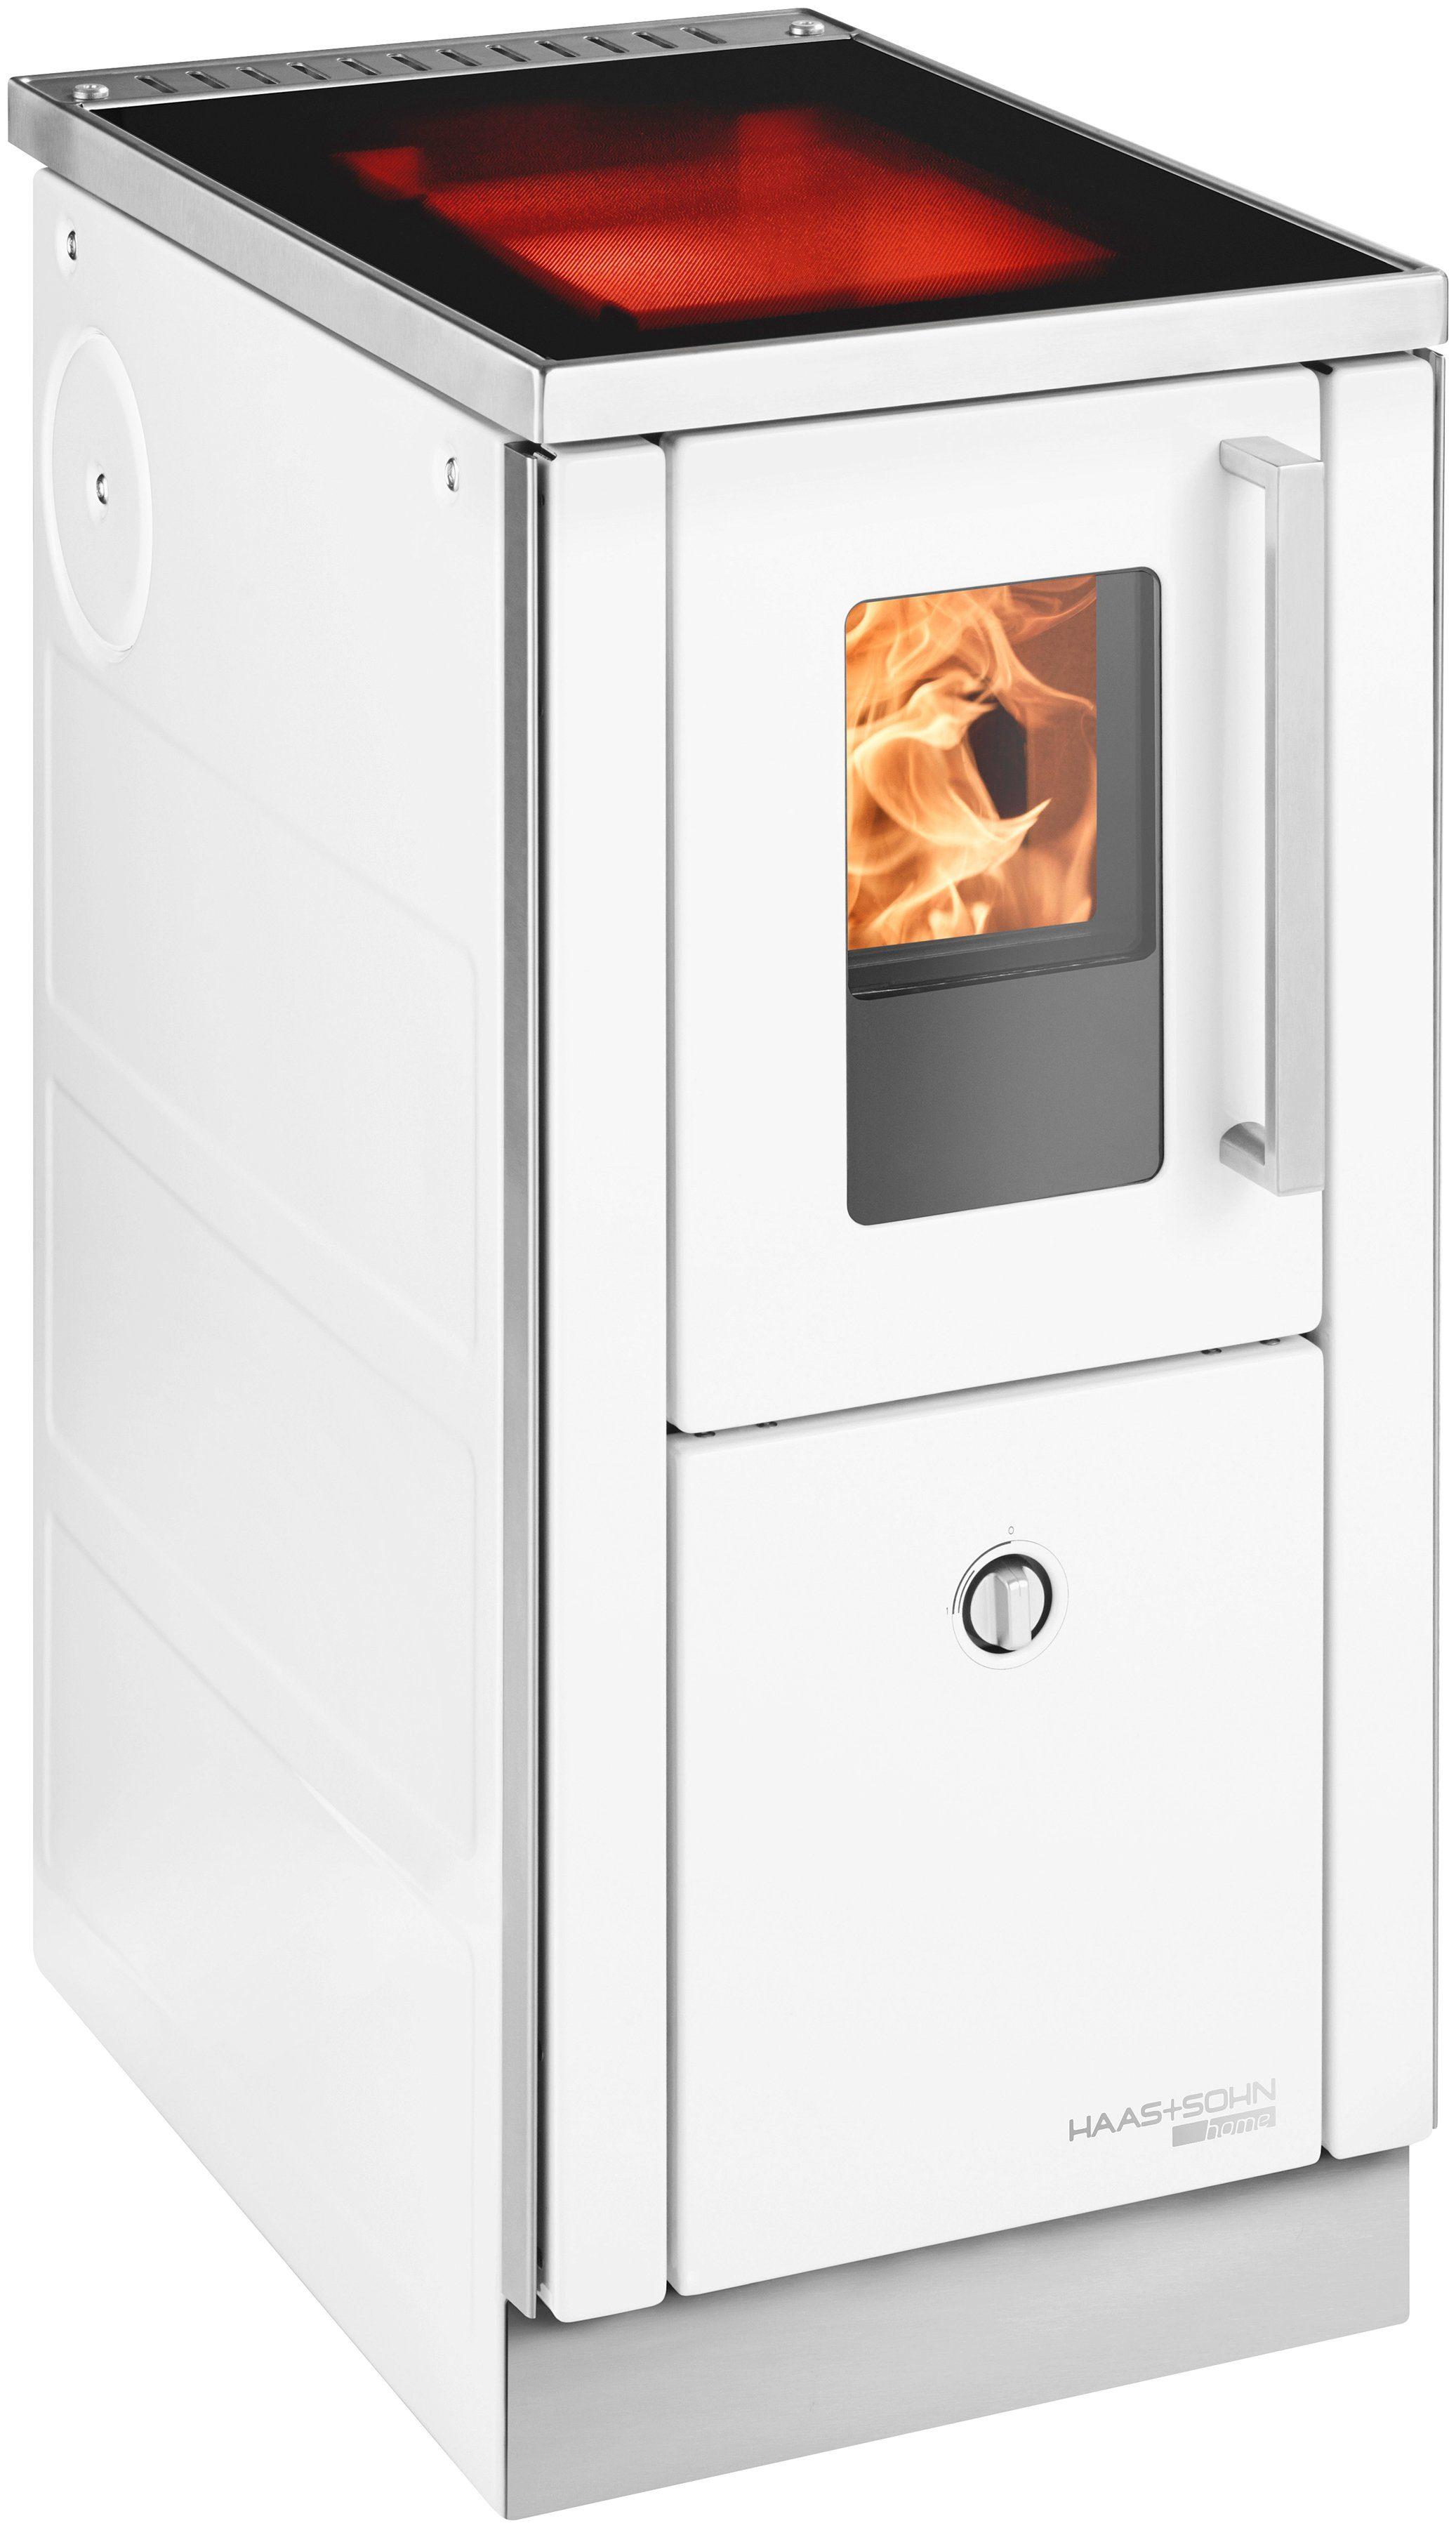 HAAS+SOHN Festbrennstoffherd »HSD 40.5«, Stahl weiß, 6 kW, ext. Luftzufuhr, Dauerbrand, Ceranfeld